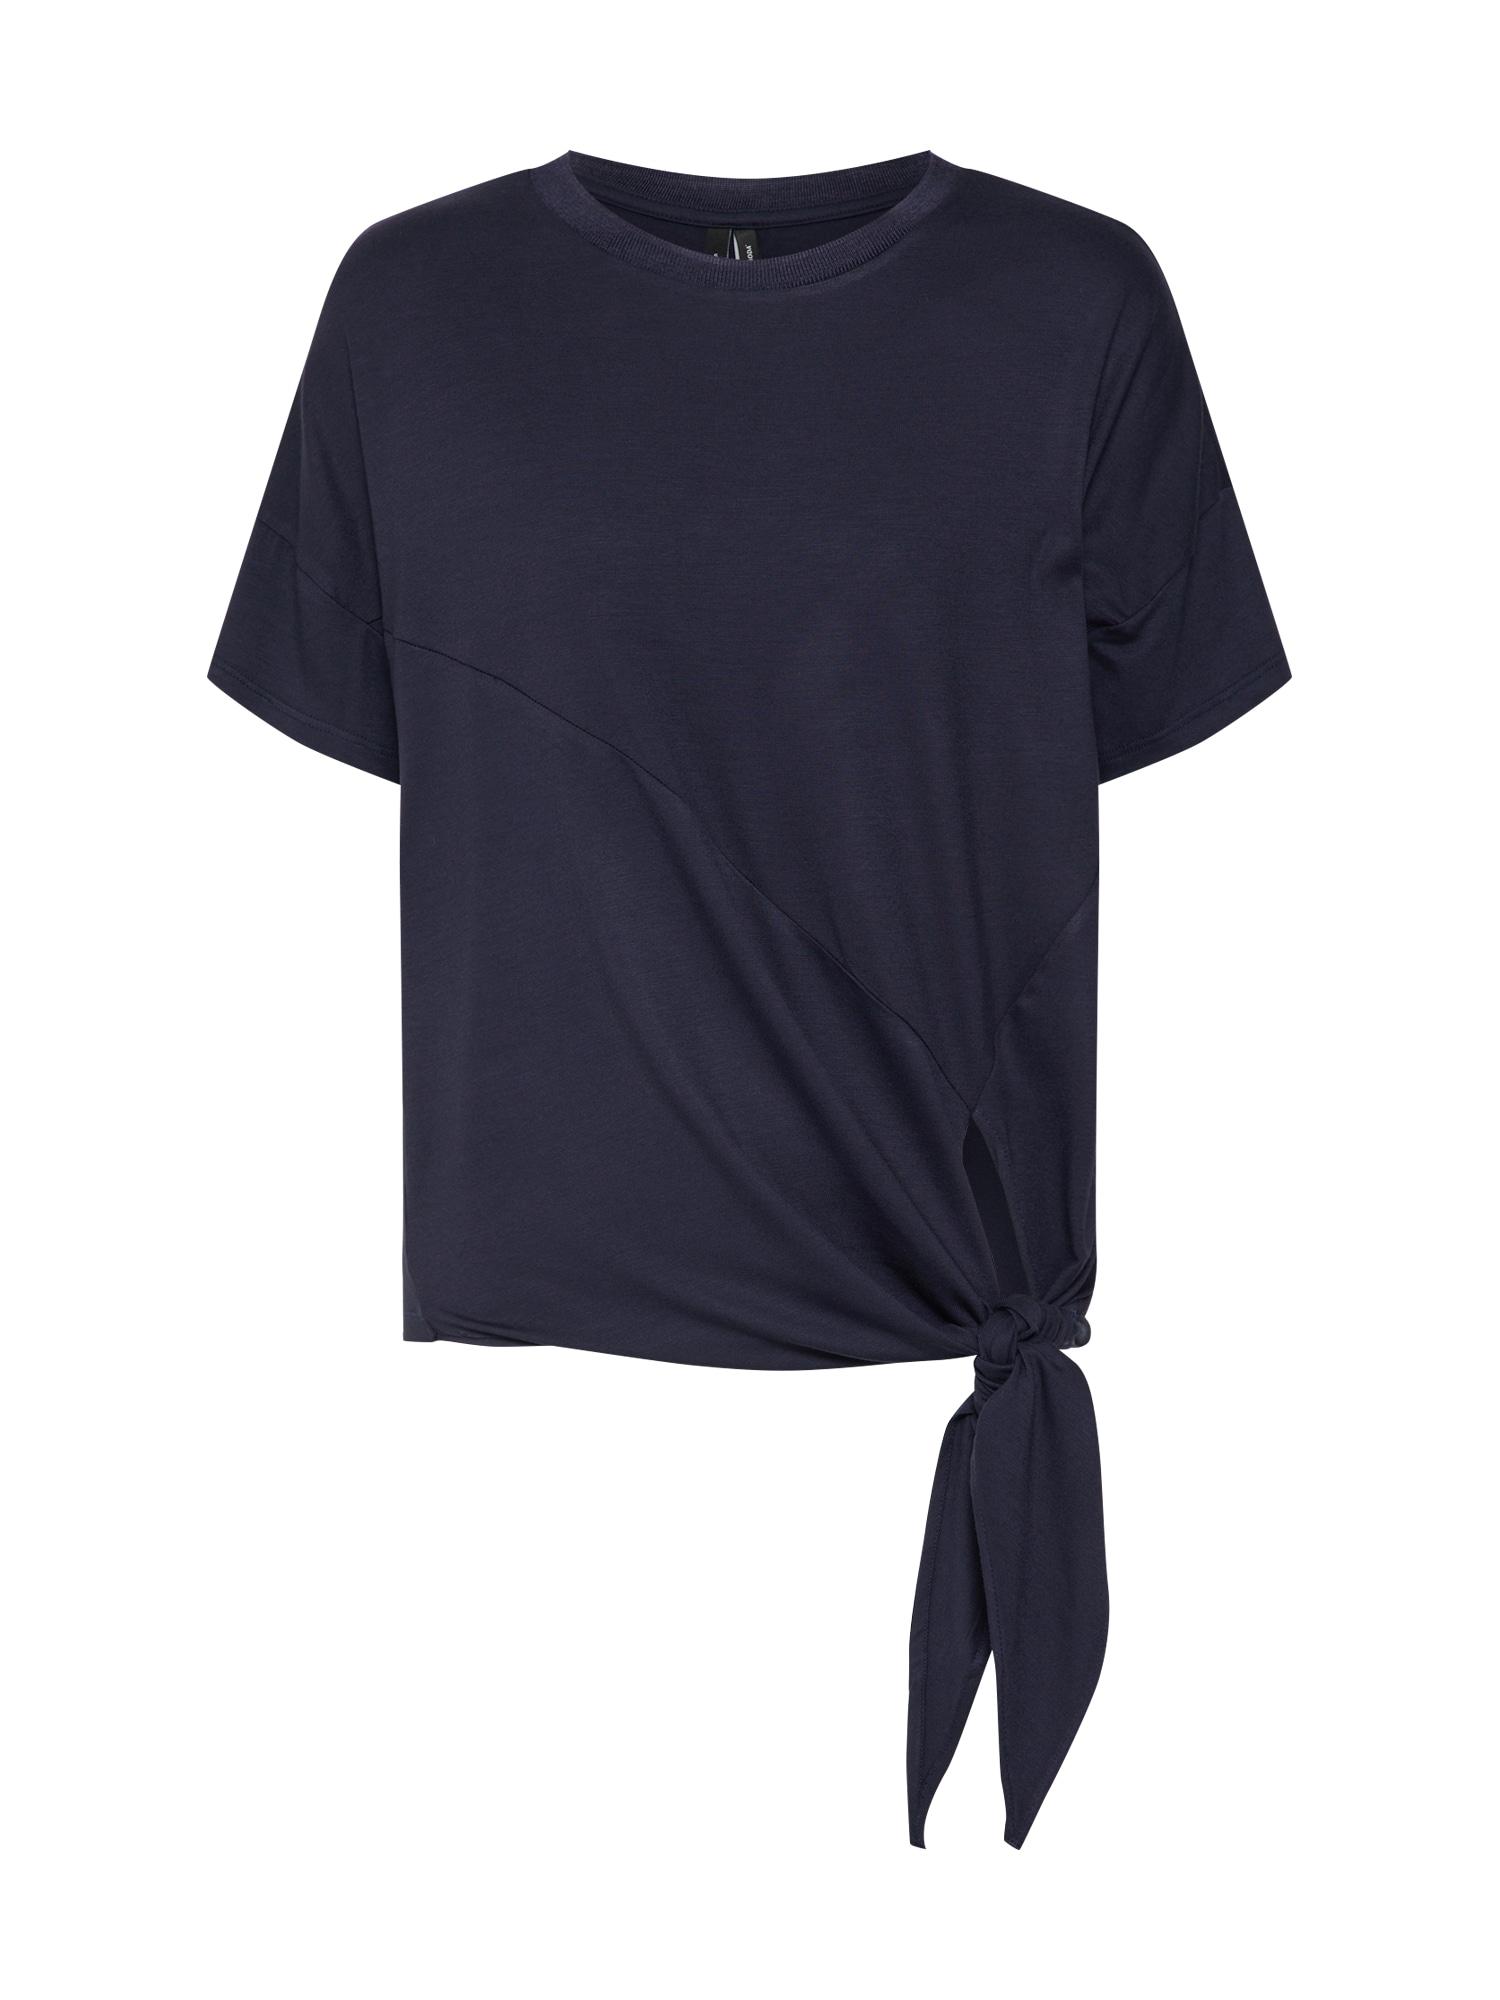 Tričko VANESSA noční modrá VERO MODA